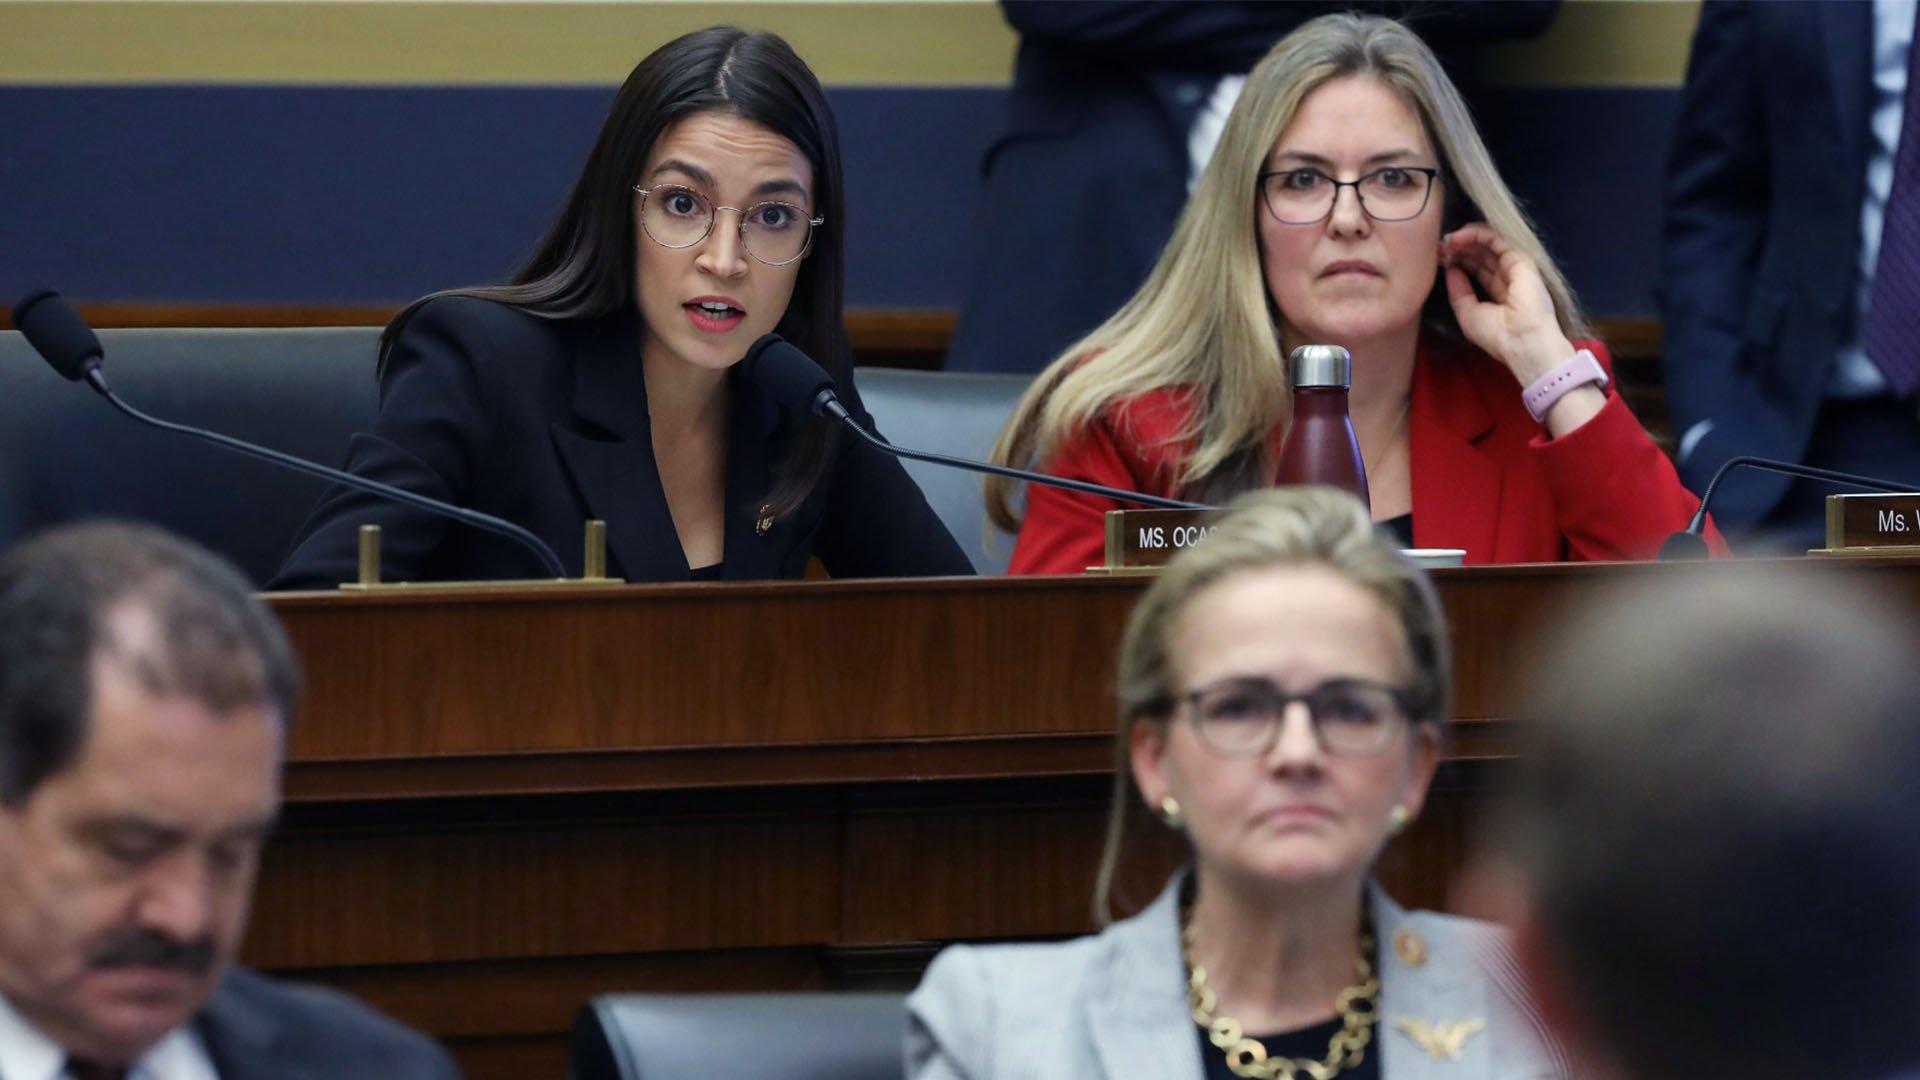 Alexandria Ocasio-Cortez ha affrontato Mark Zuckerberg al Congresso